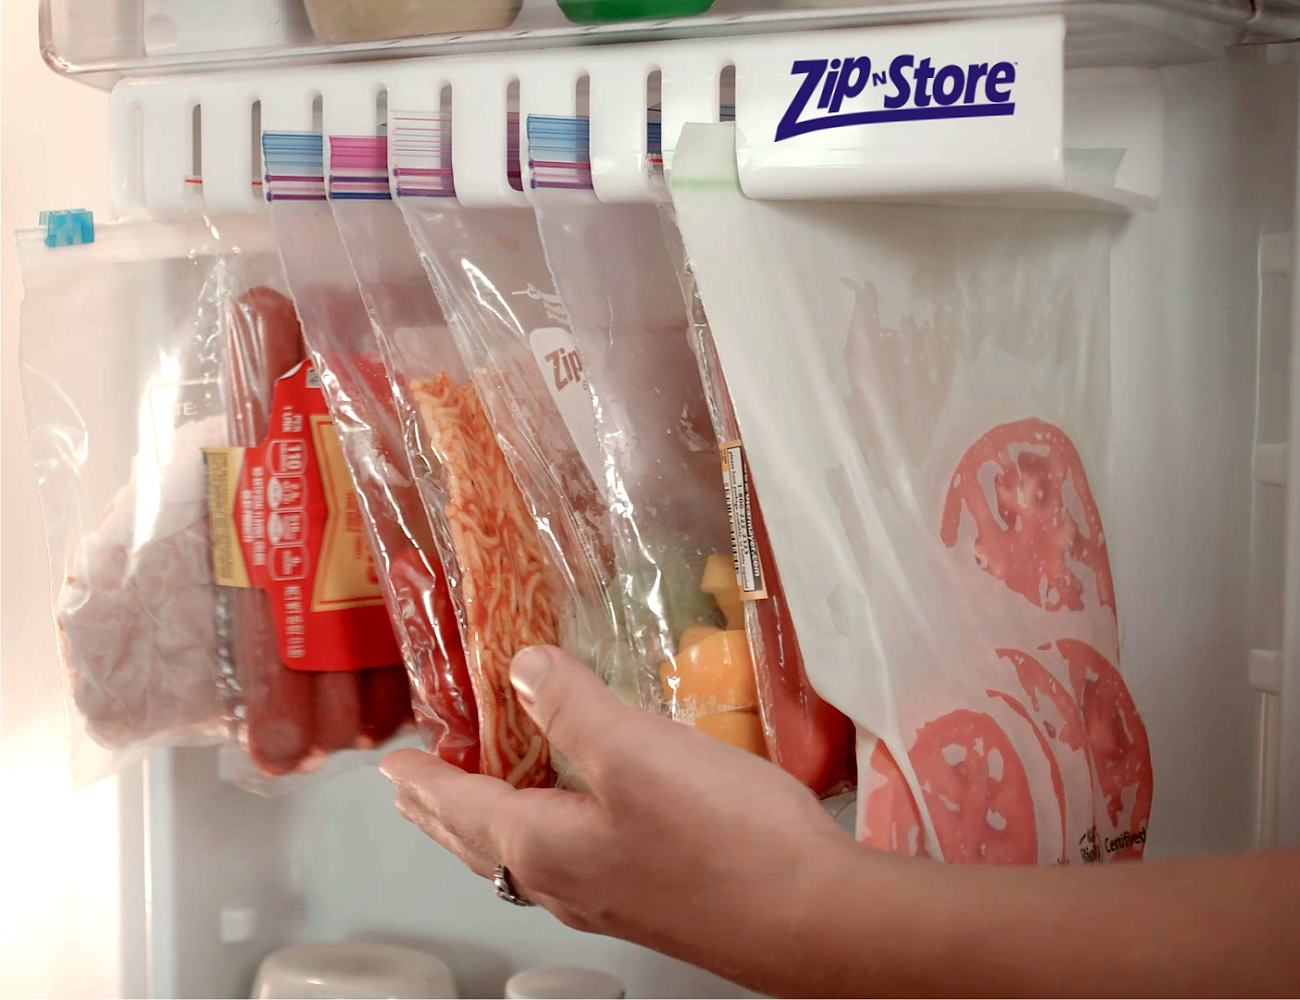 Zip+N+Store+%26%238211%3B+Food+Storage%2C+Simple+And+Easy%21